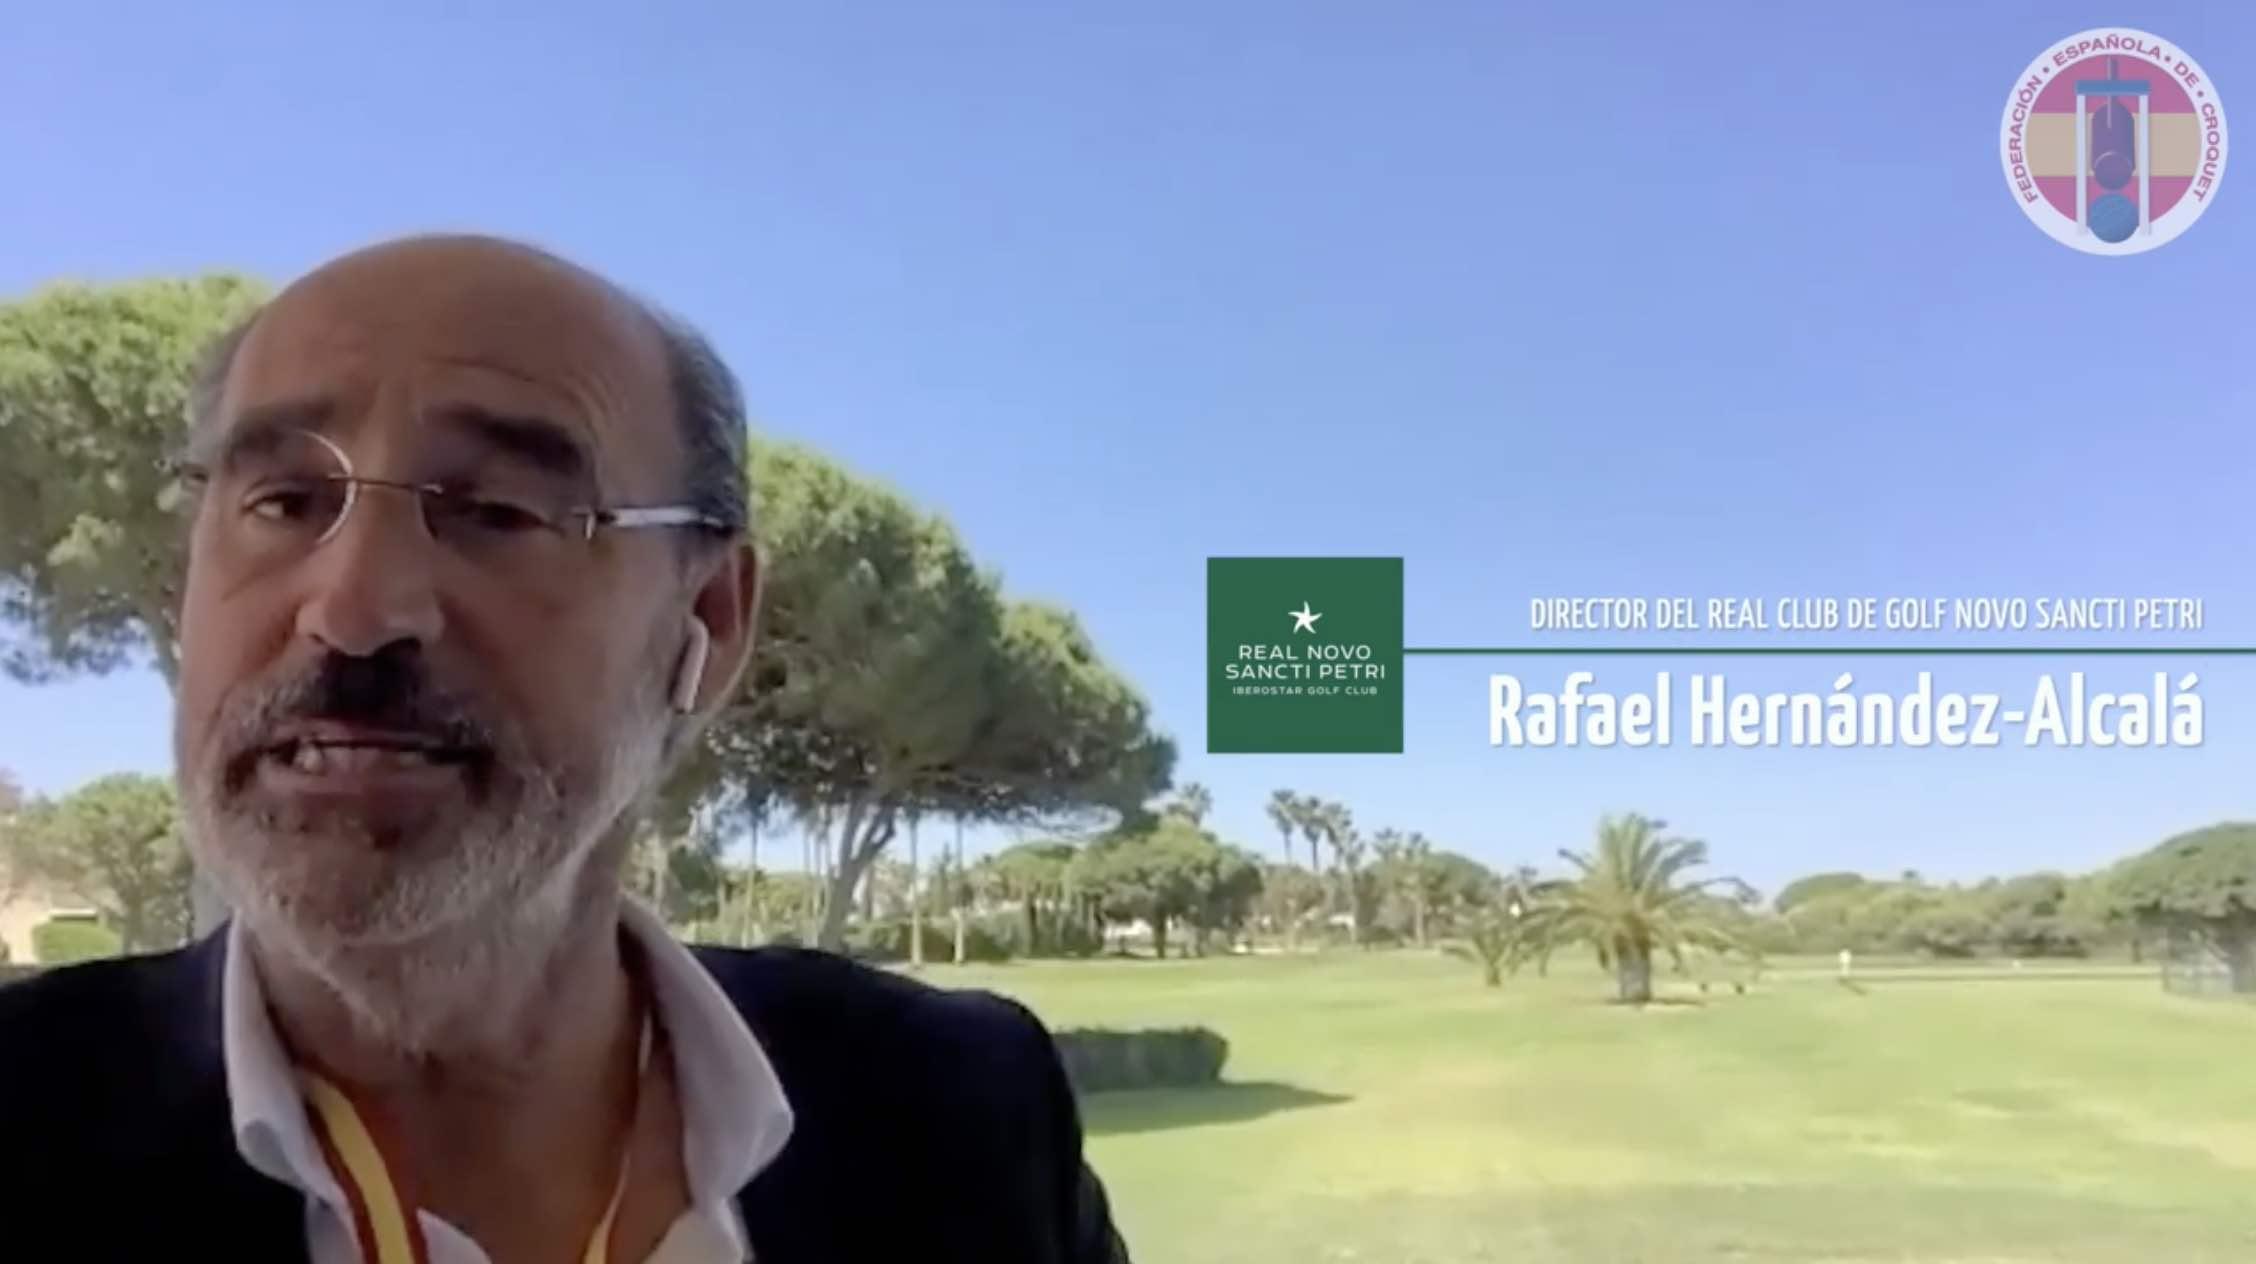 Entrevista a Rafael Hernández-Alcalá por la Federación Española de Cróquet